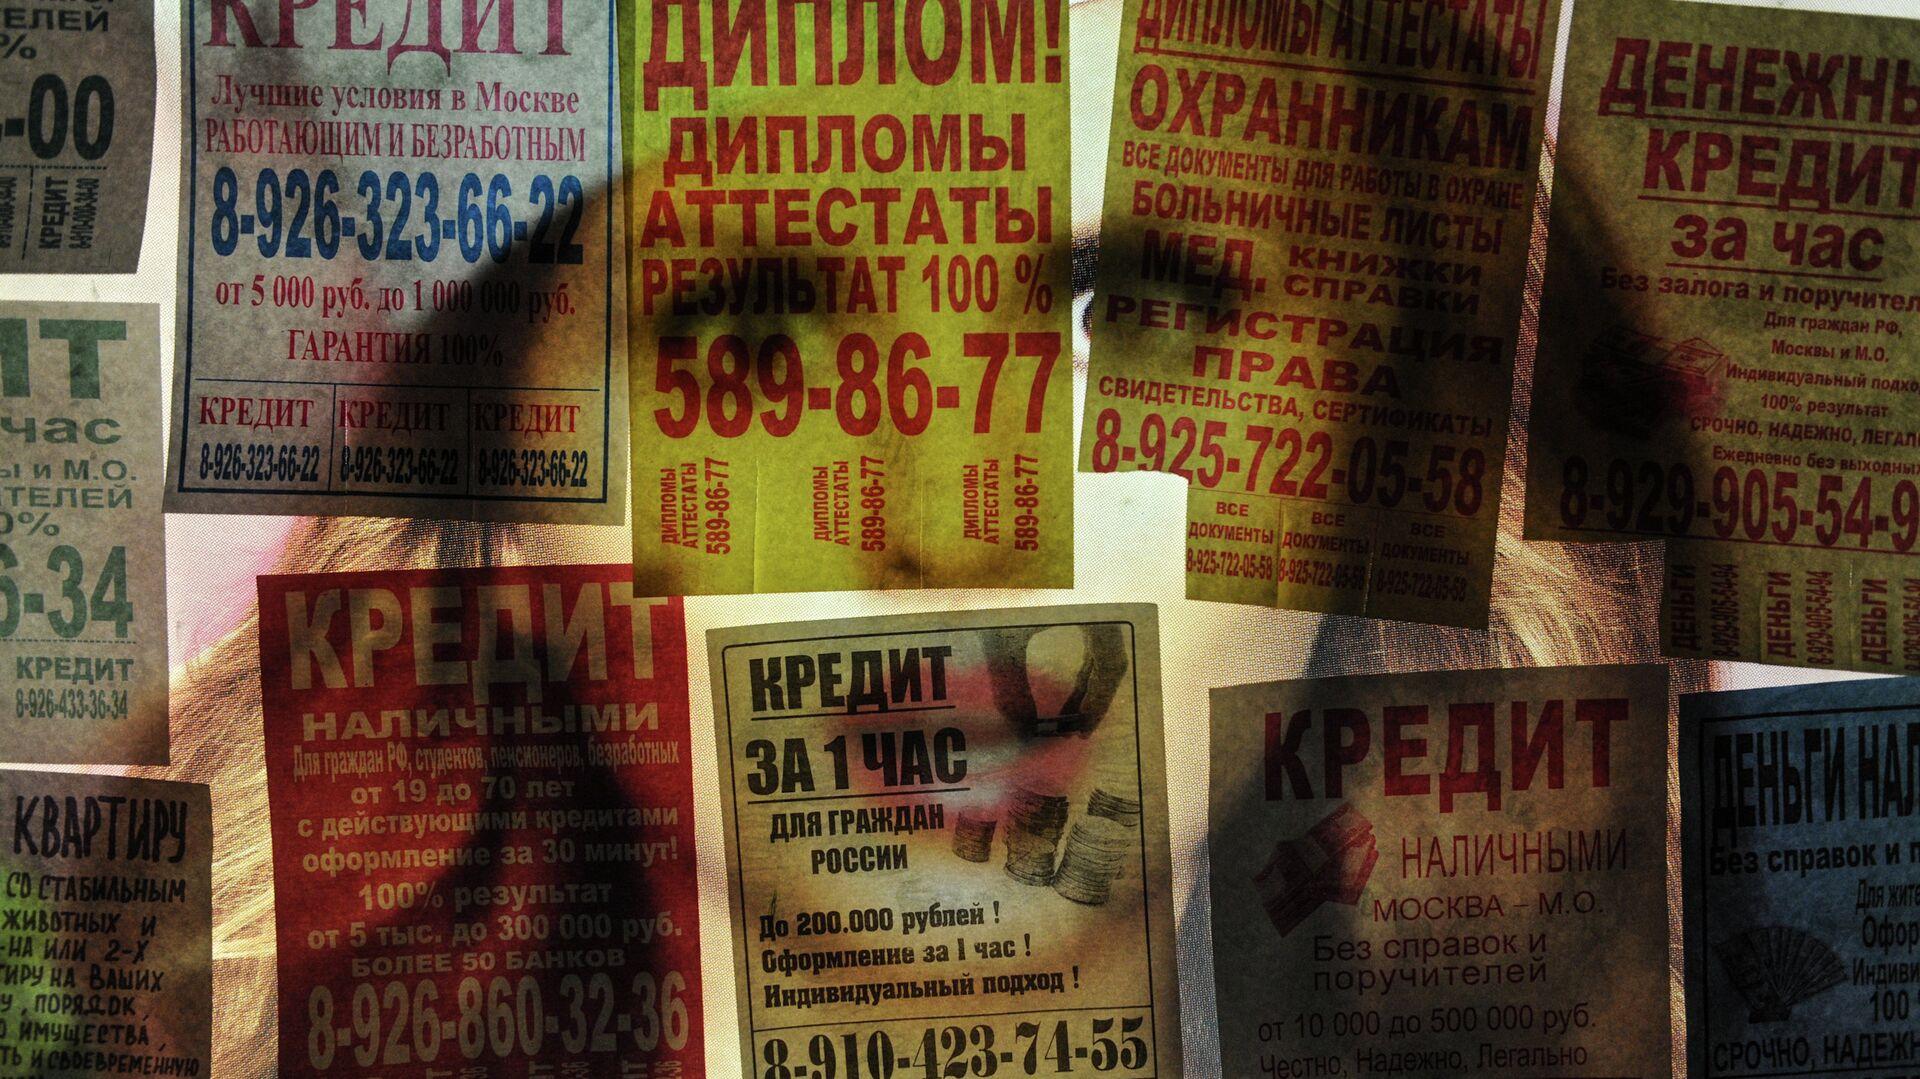 Автобусная остановка, заклеенная объявлениями, на одной из улиц Москвы - РИА Новости, 1920, 28.11.2020